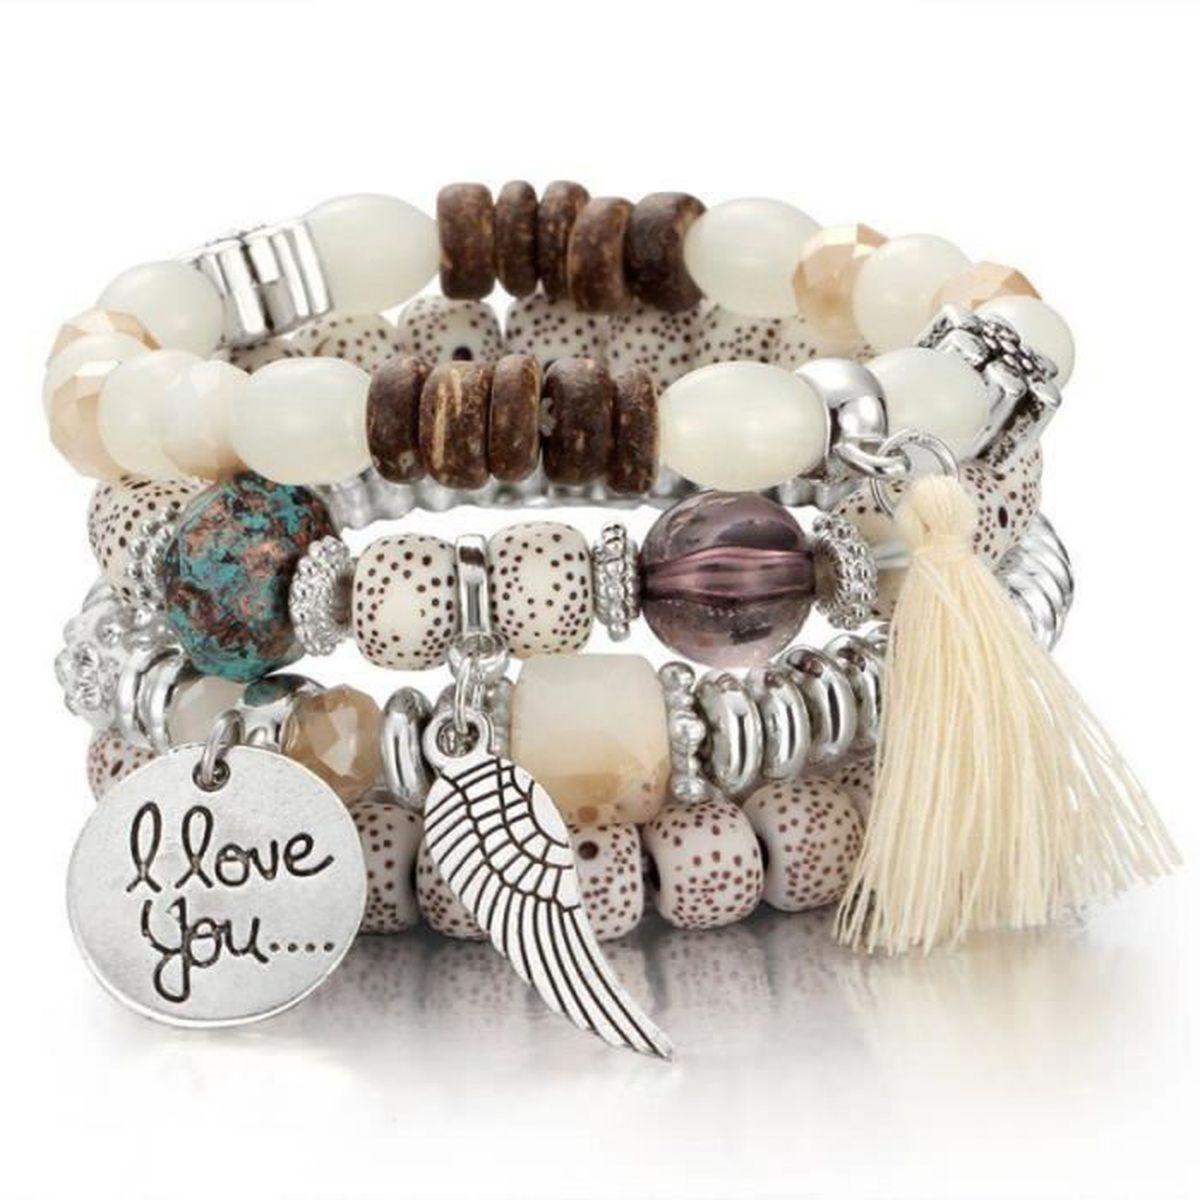 500 noir rond en bois perles 6mm x 5mm idéal pour faire des bracelets